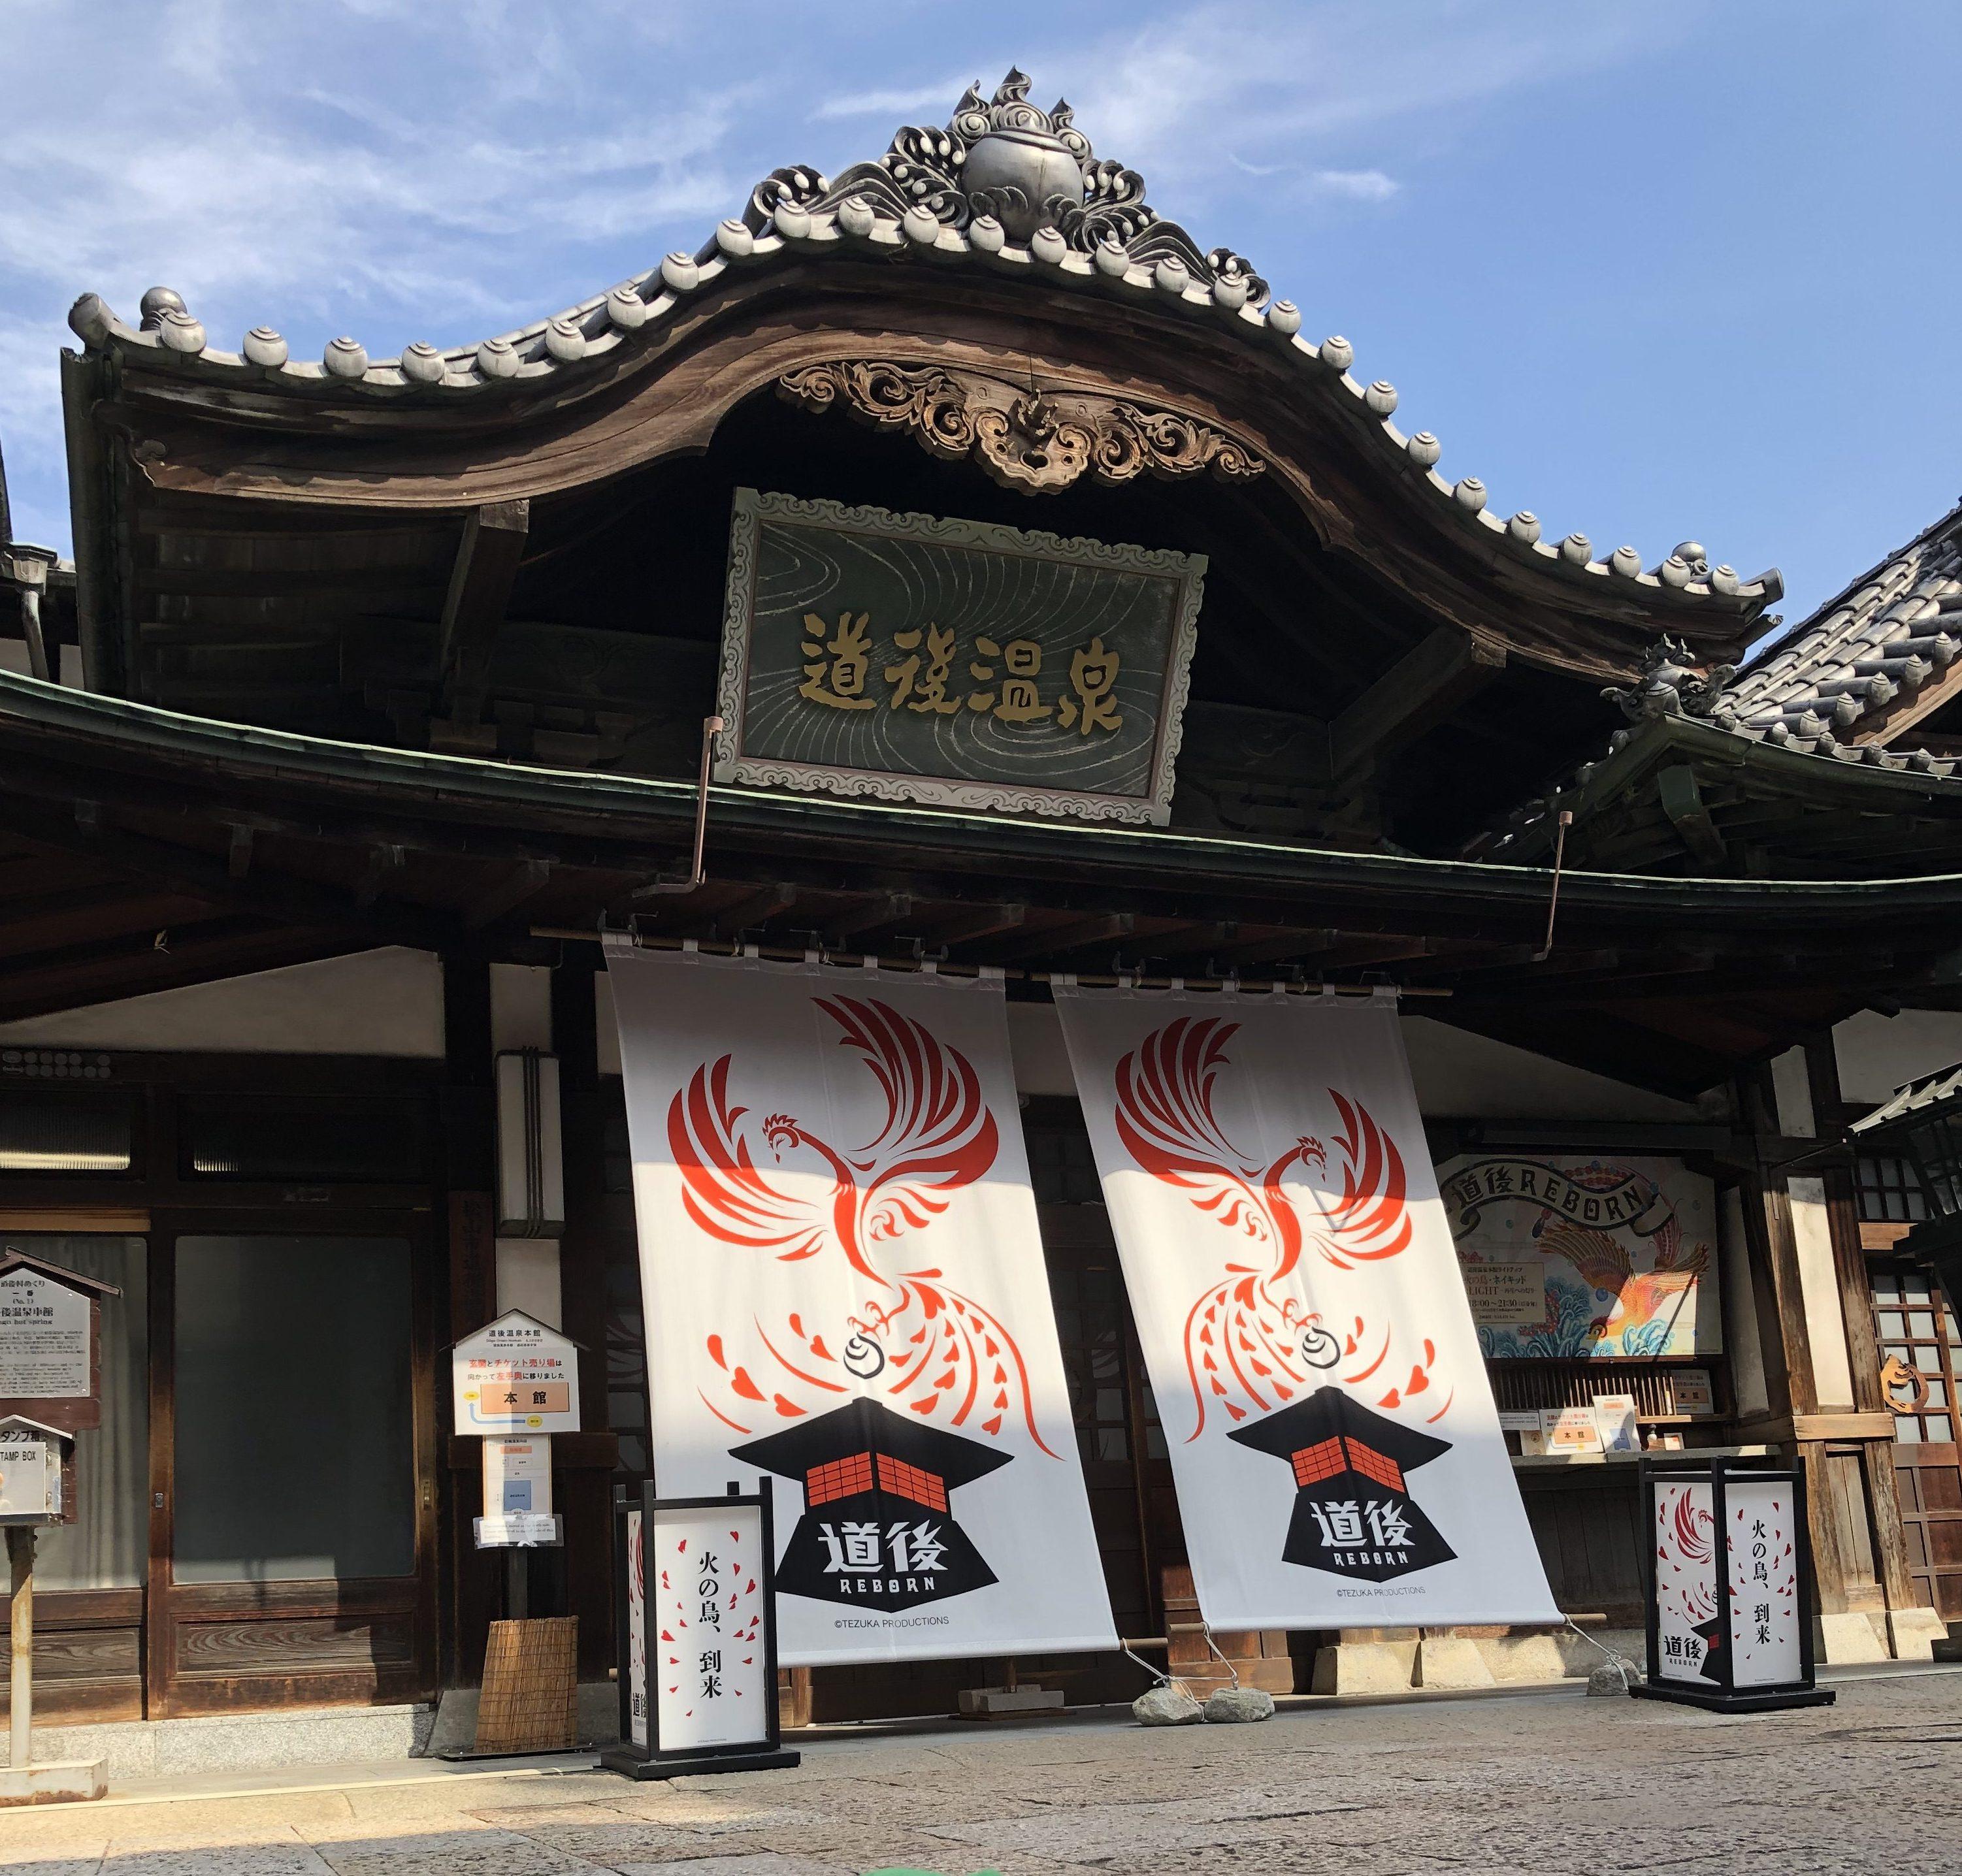 #一平討伐プロジェクト 一日で巡る松山名所〜一平くんについての考察 vol.6〜